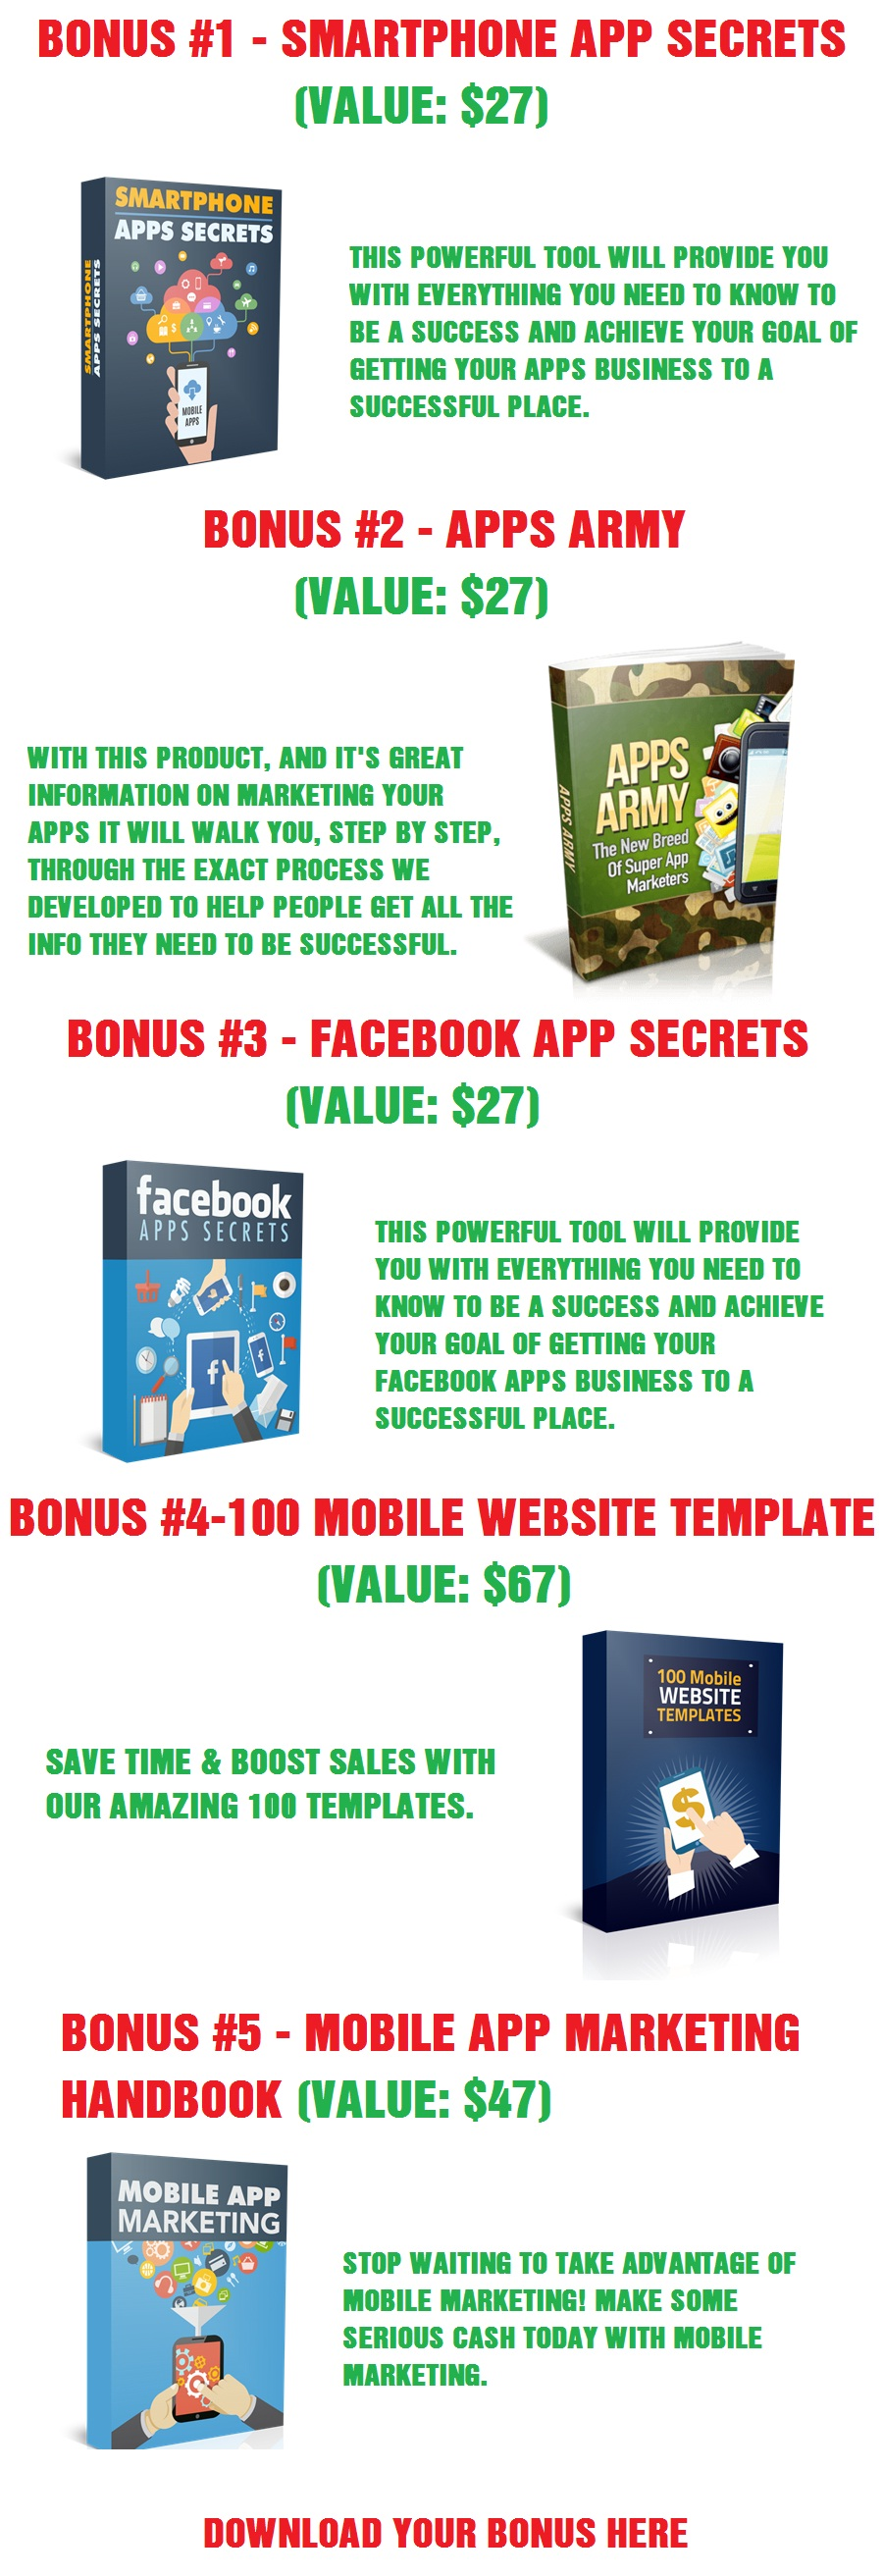 AllAppPress 2.0 Bonus